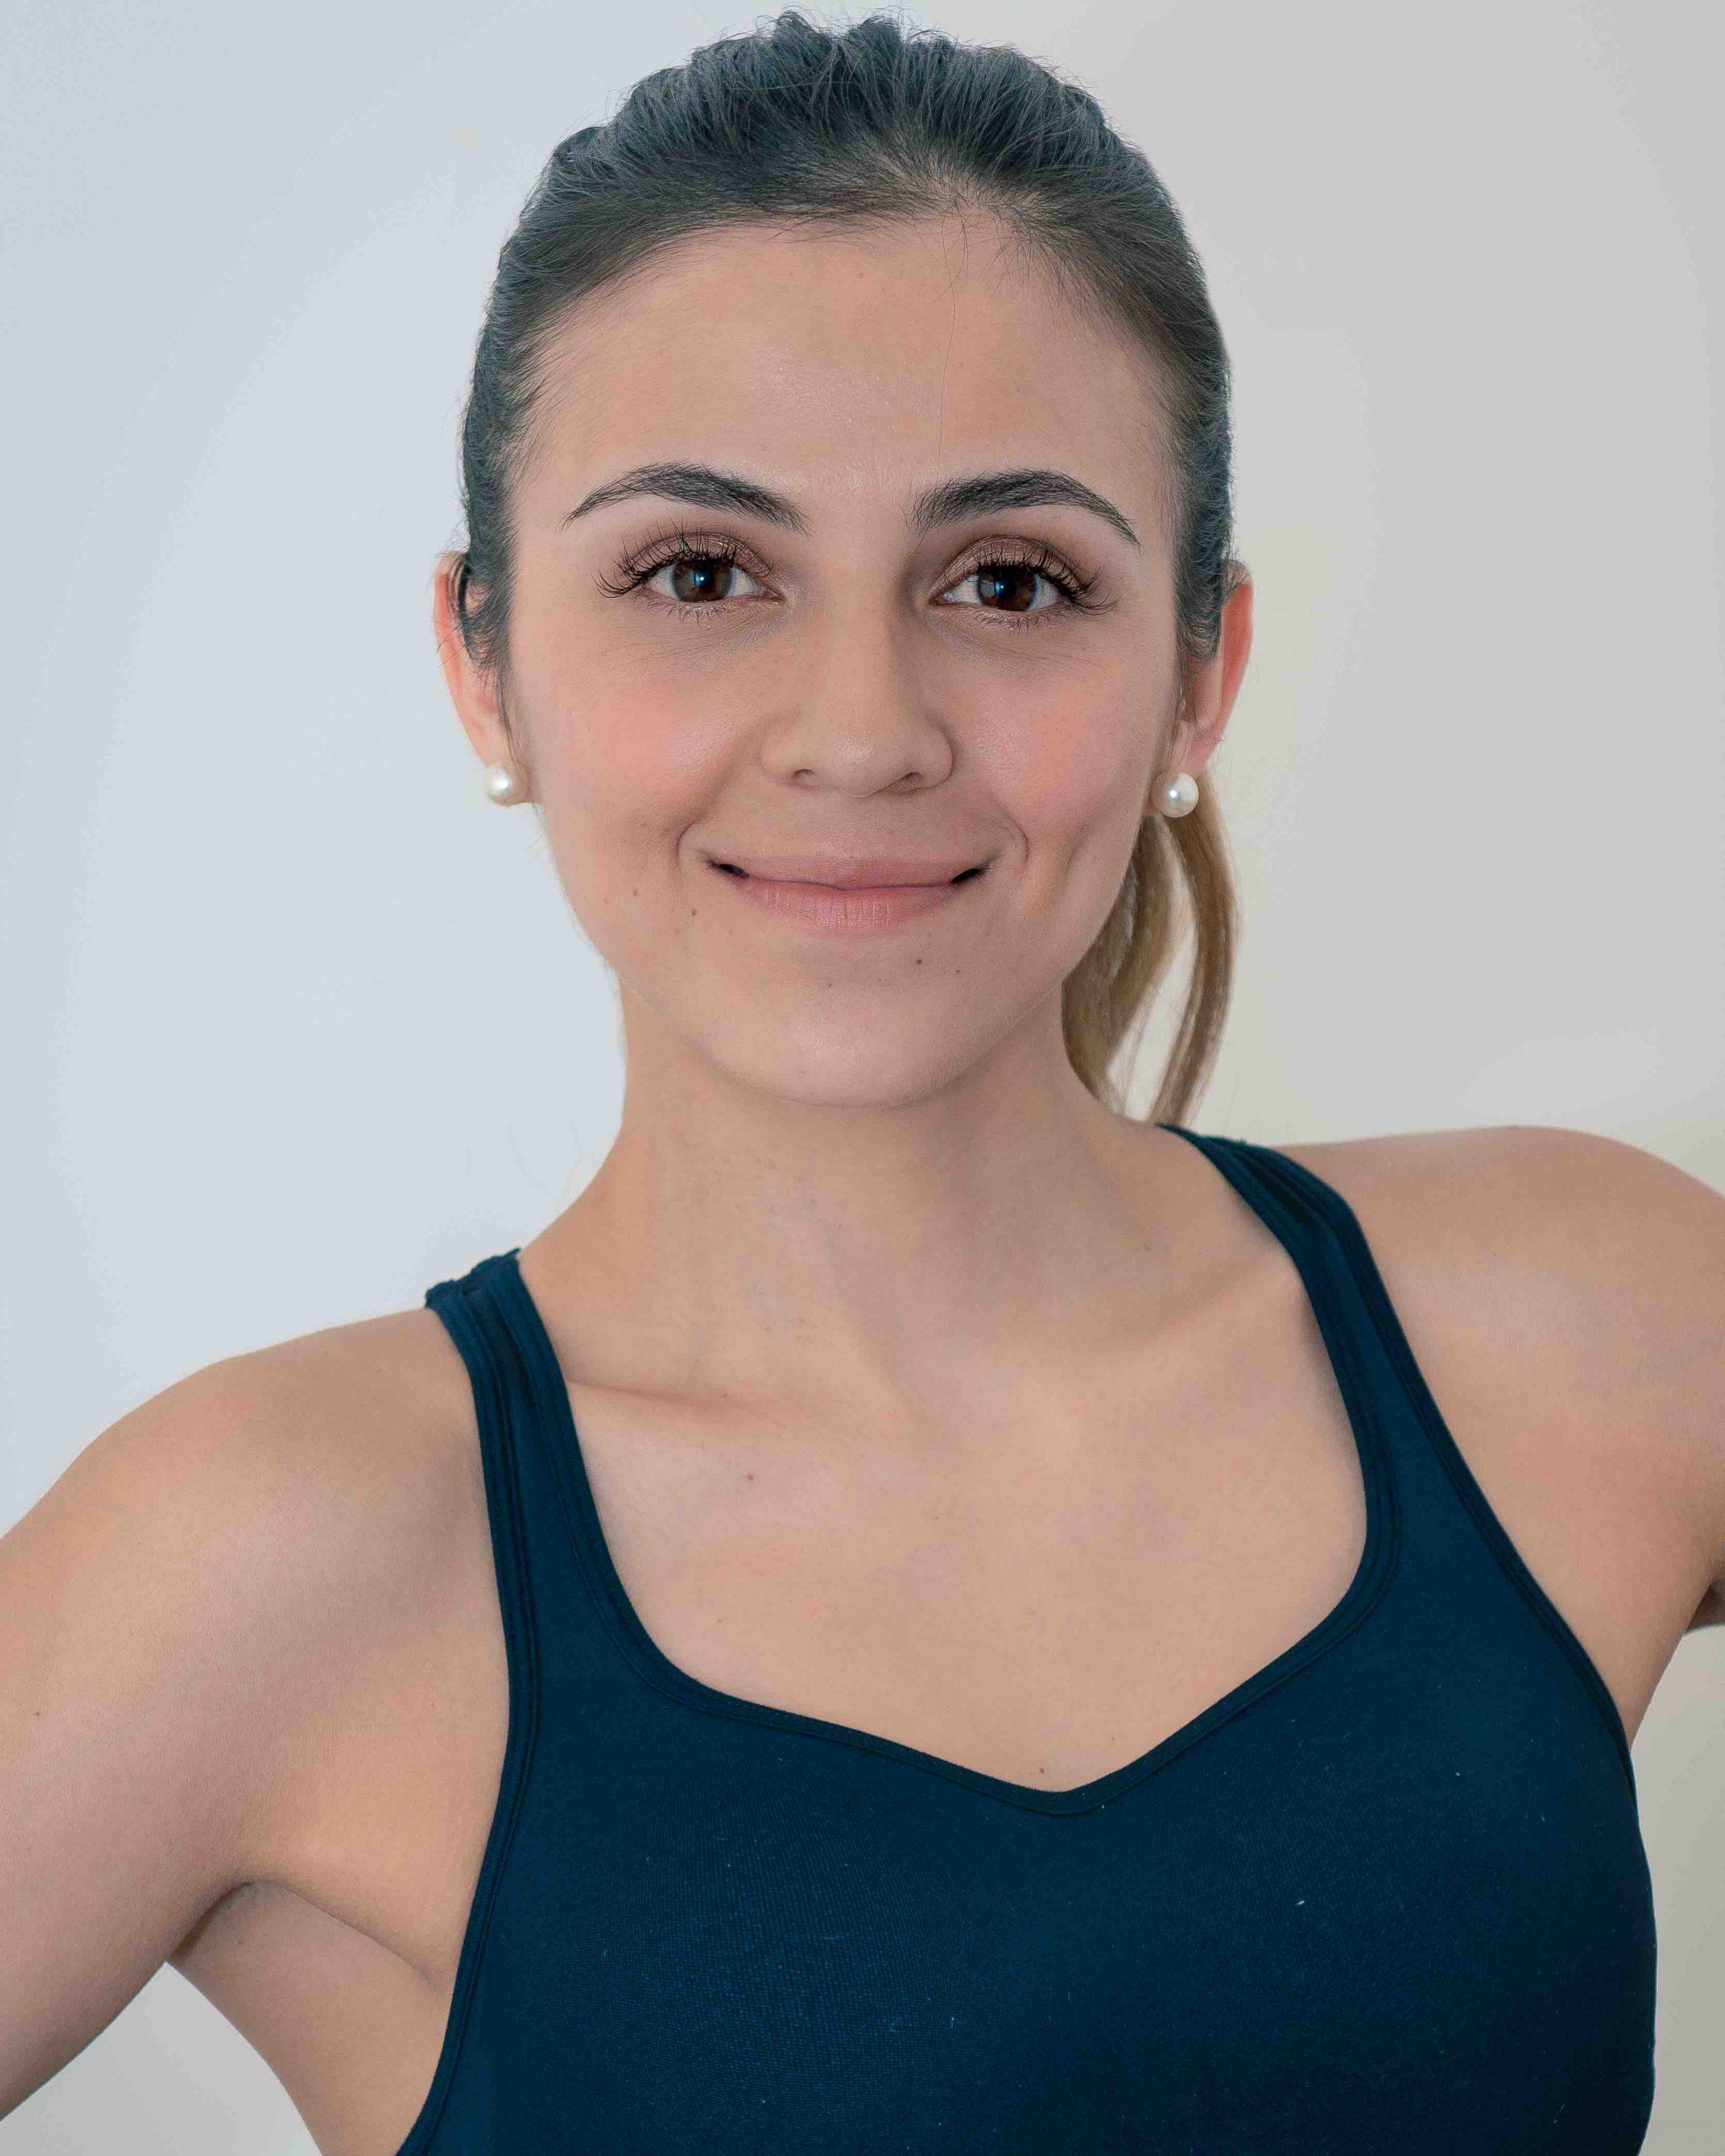 Gaby Cerecero